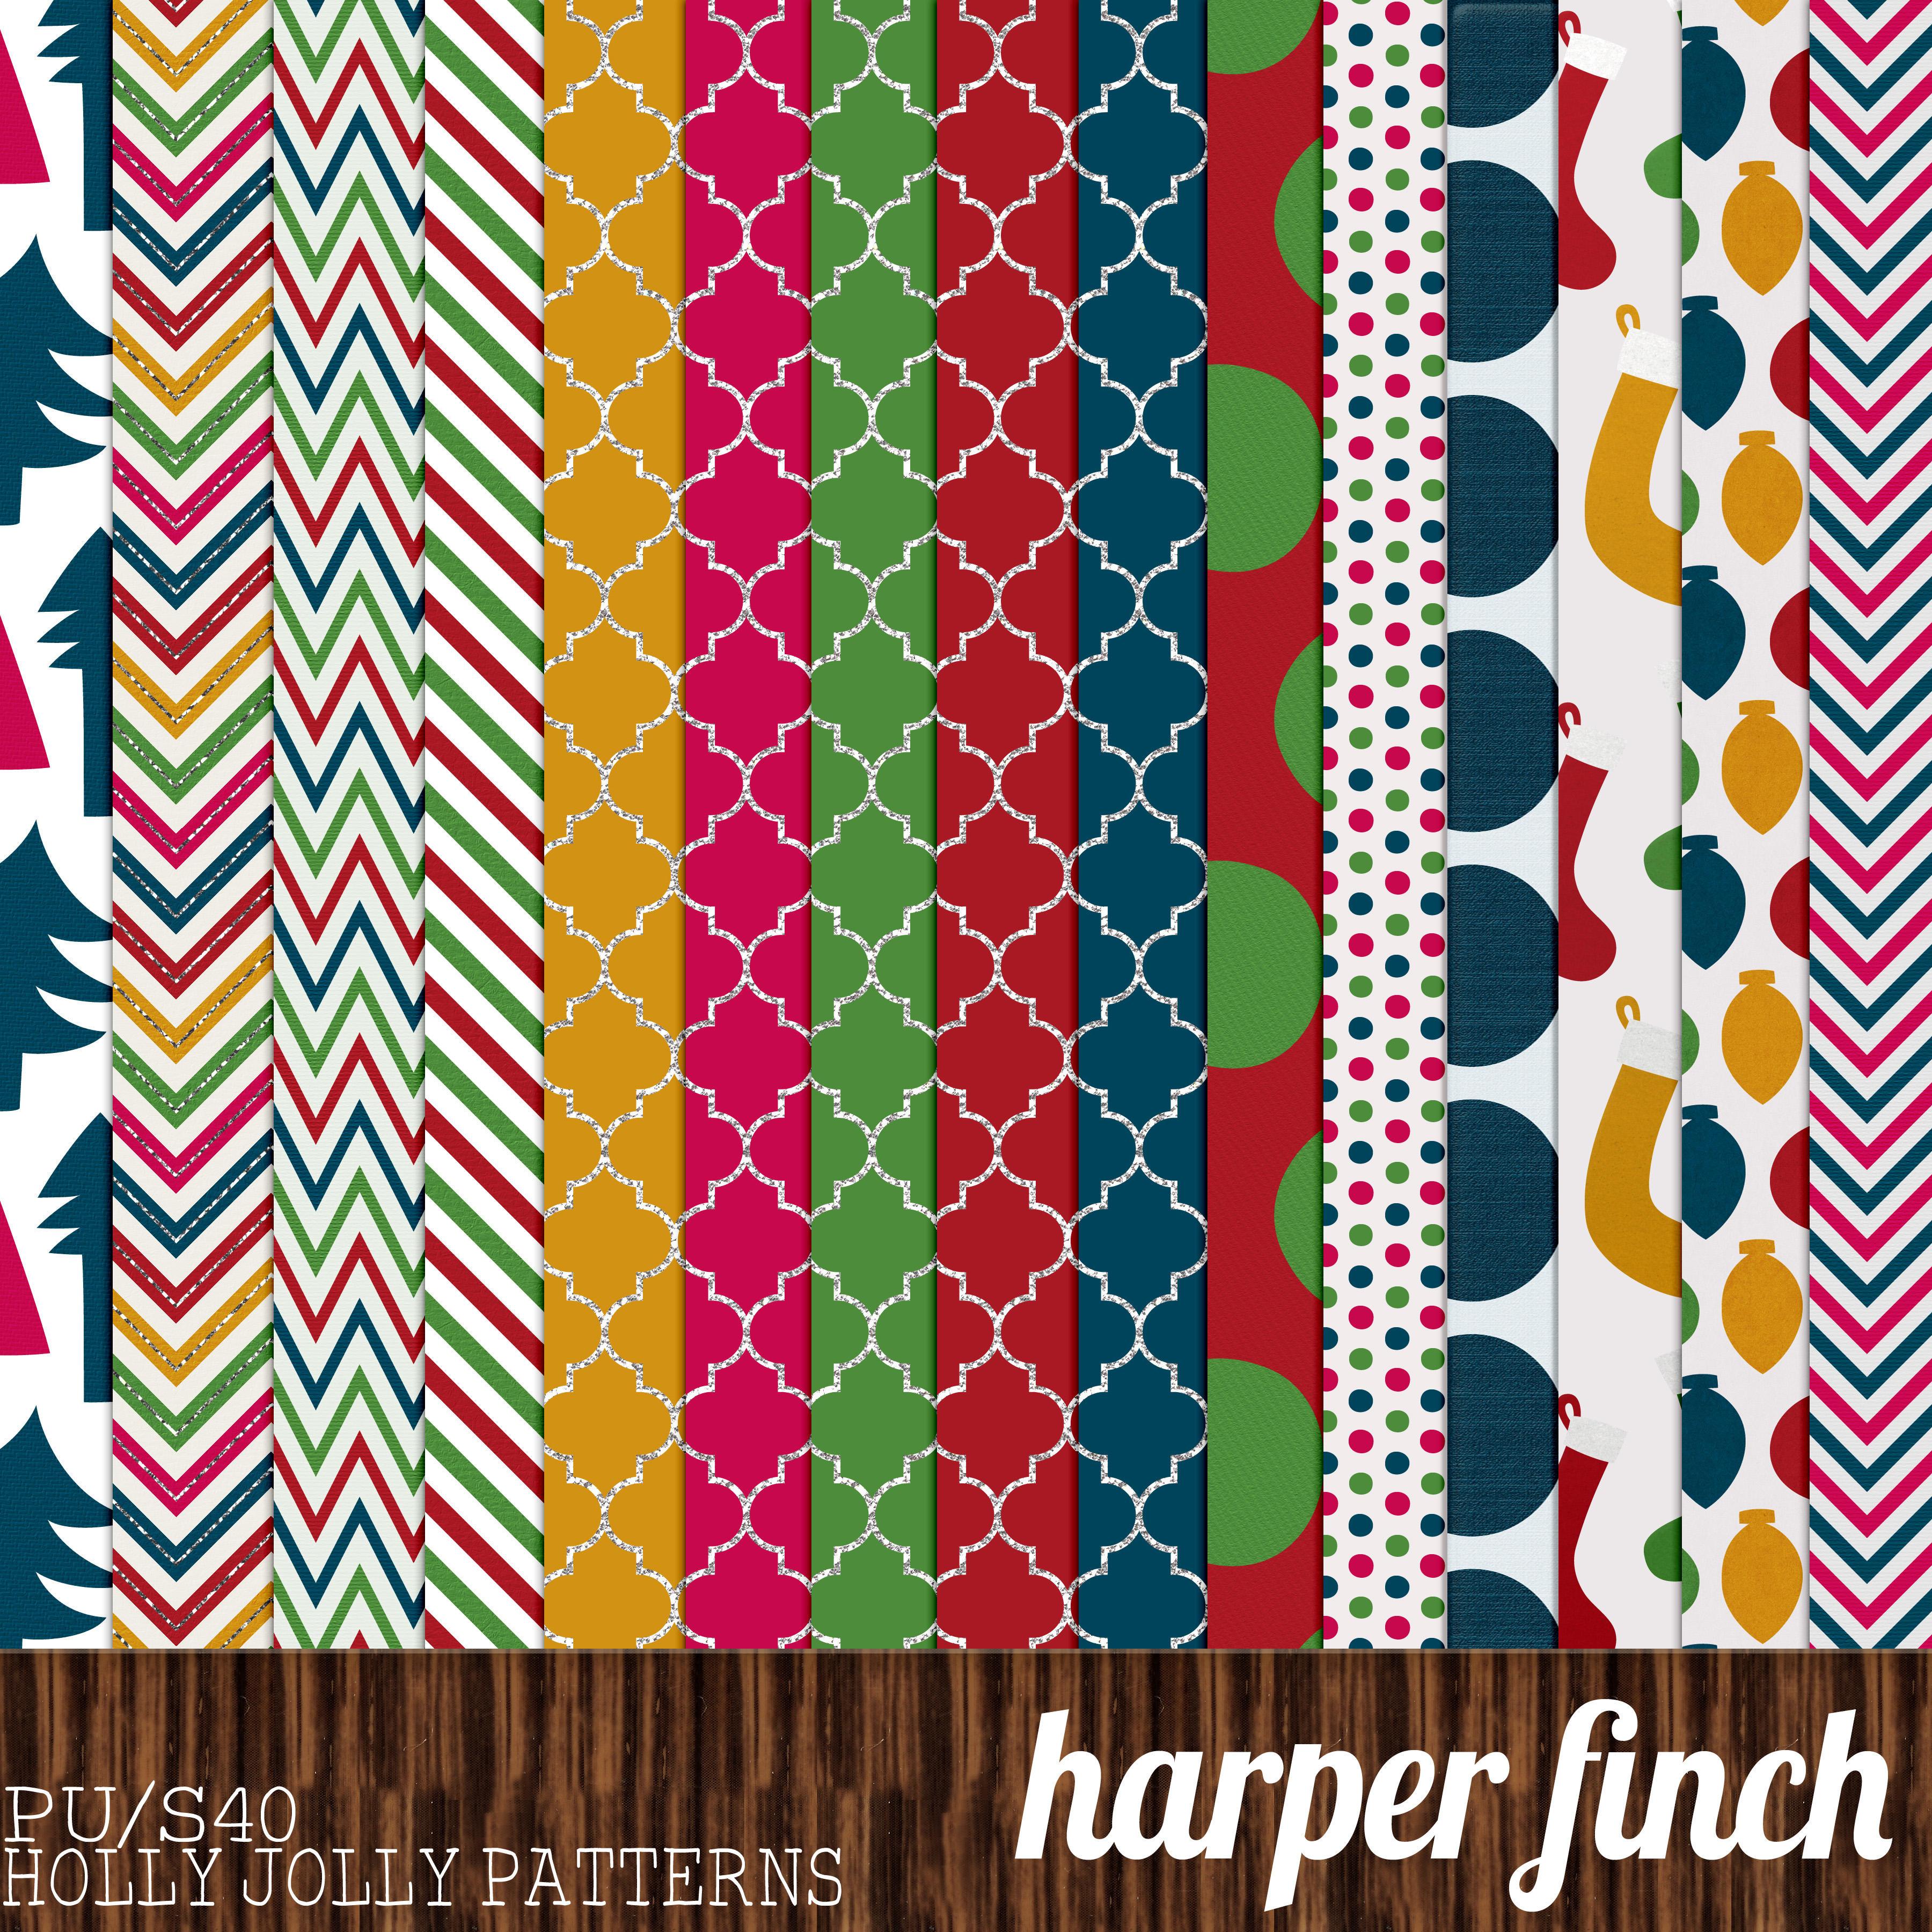 Everyday Patterns by Harper Finch by harperfinch on DeviantArt